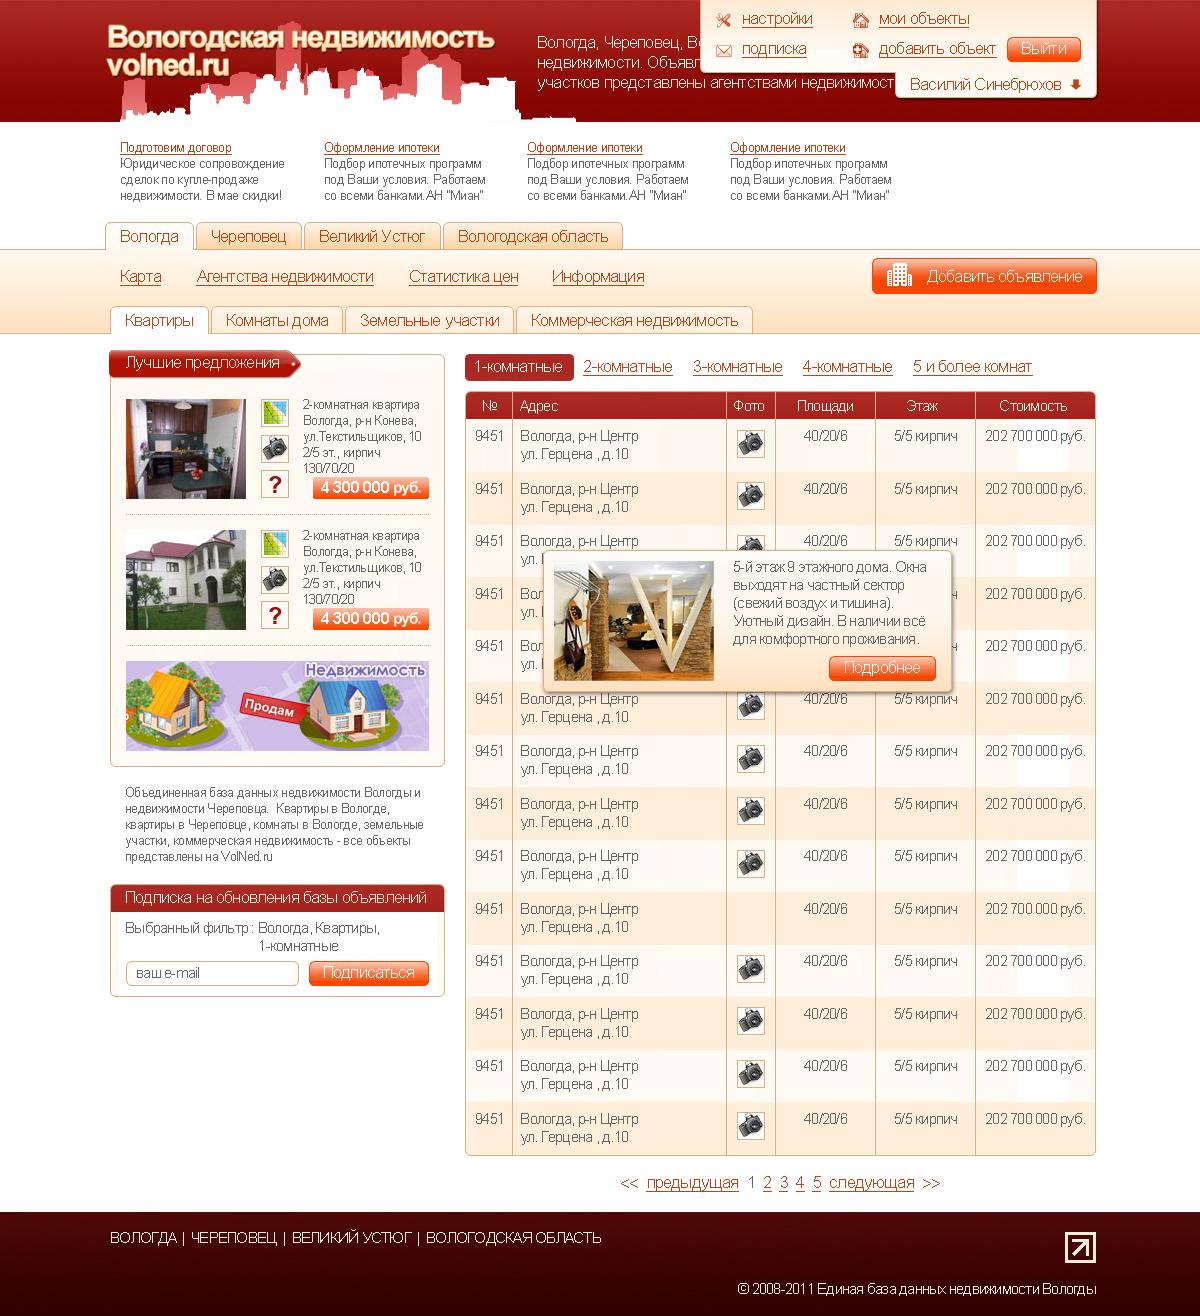 Вологодская недвижимость (1-е место)